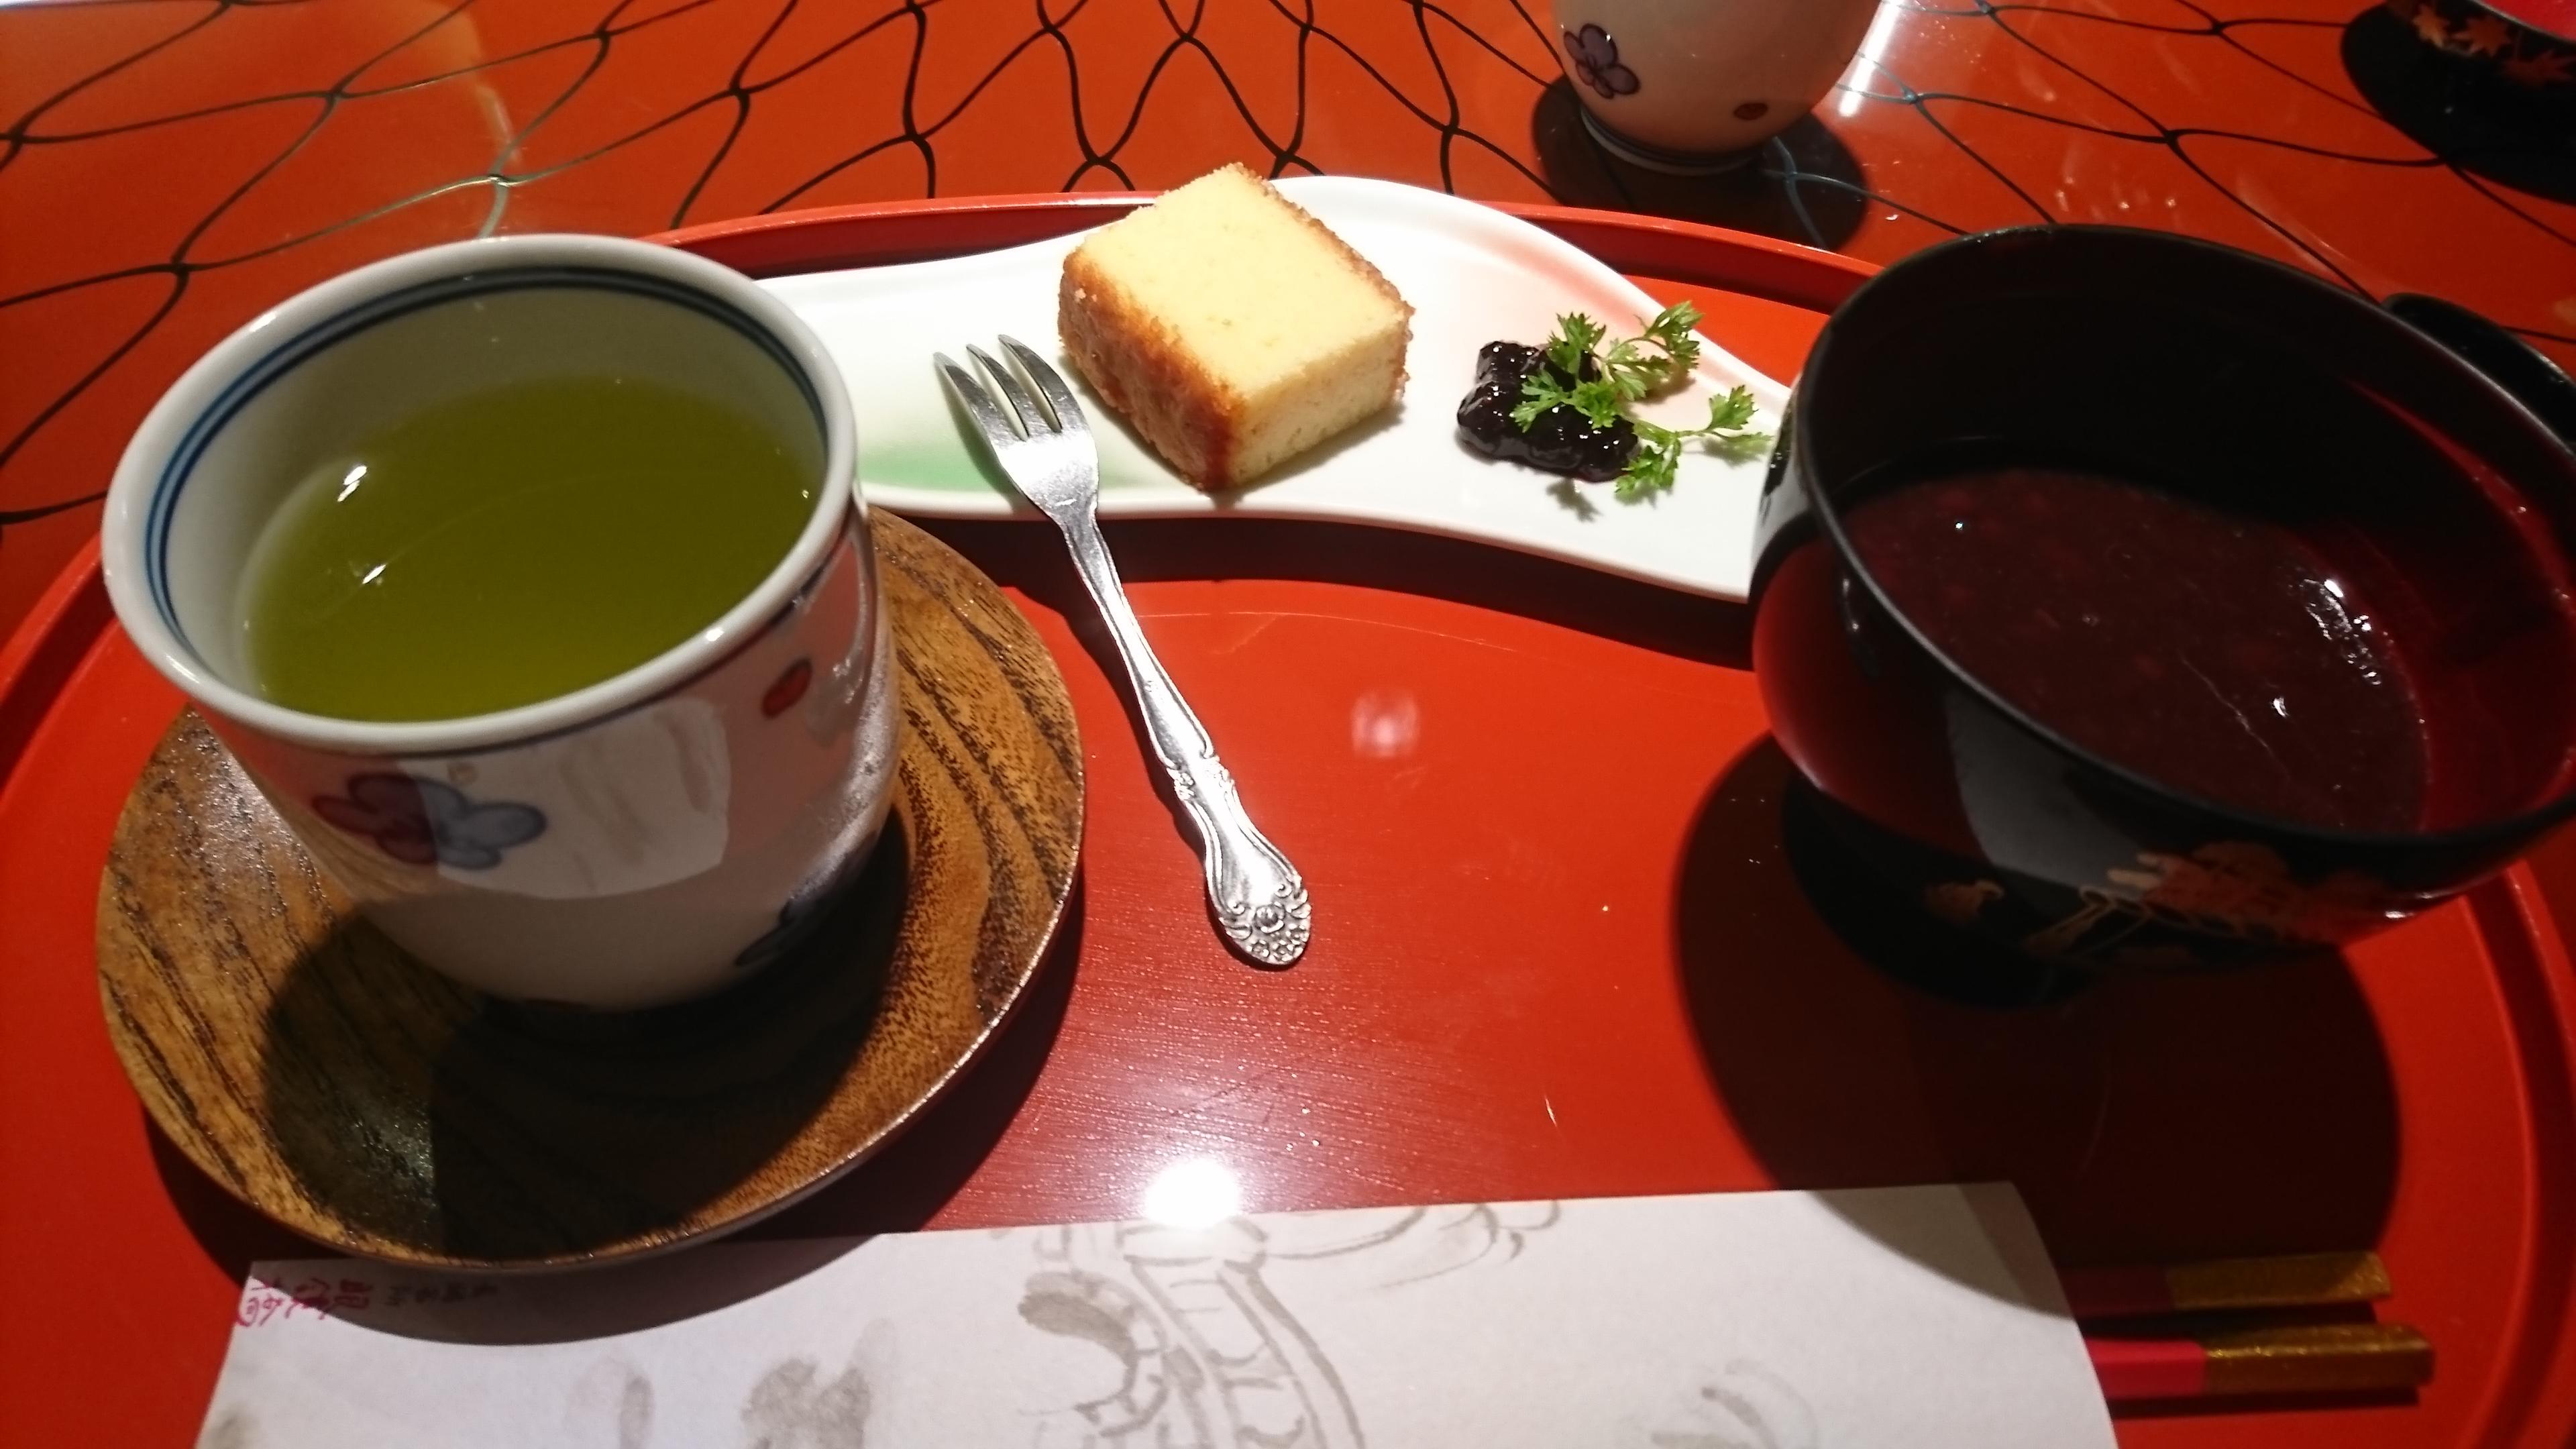 長崎卓袱料理の浜勝で食べた長崎浪漫